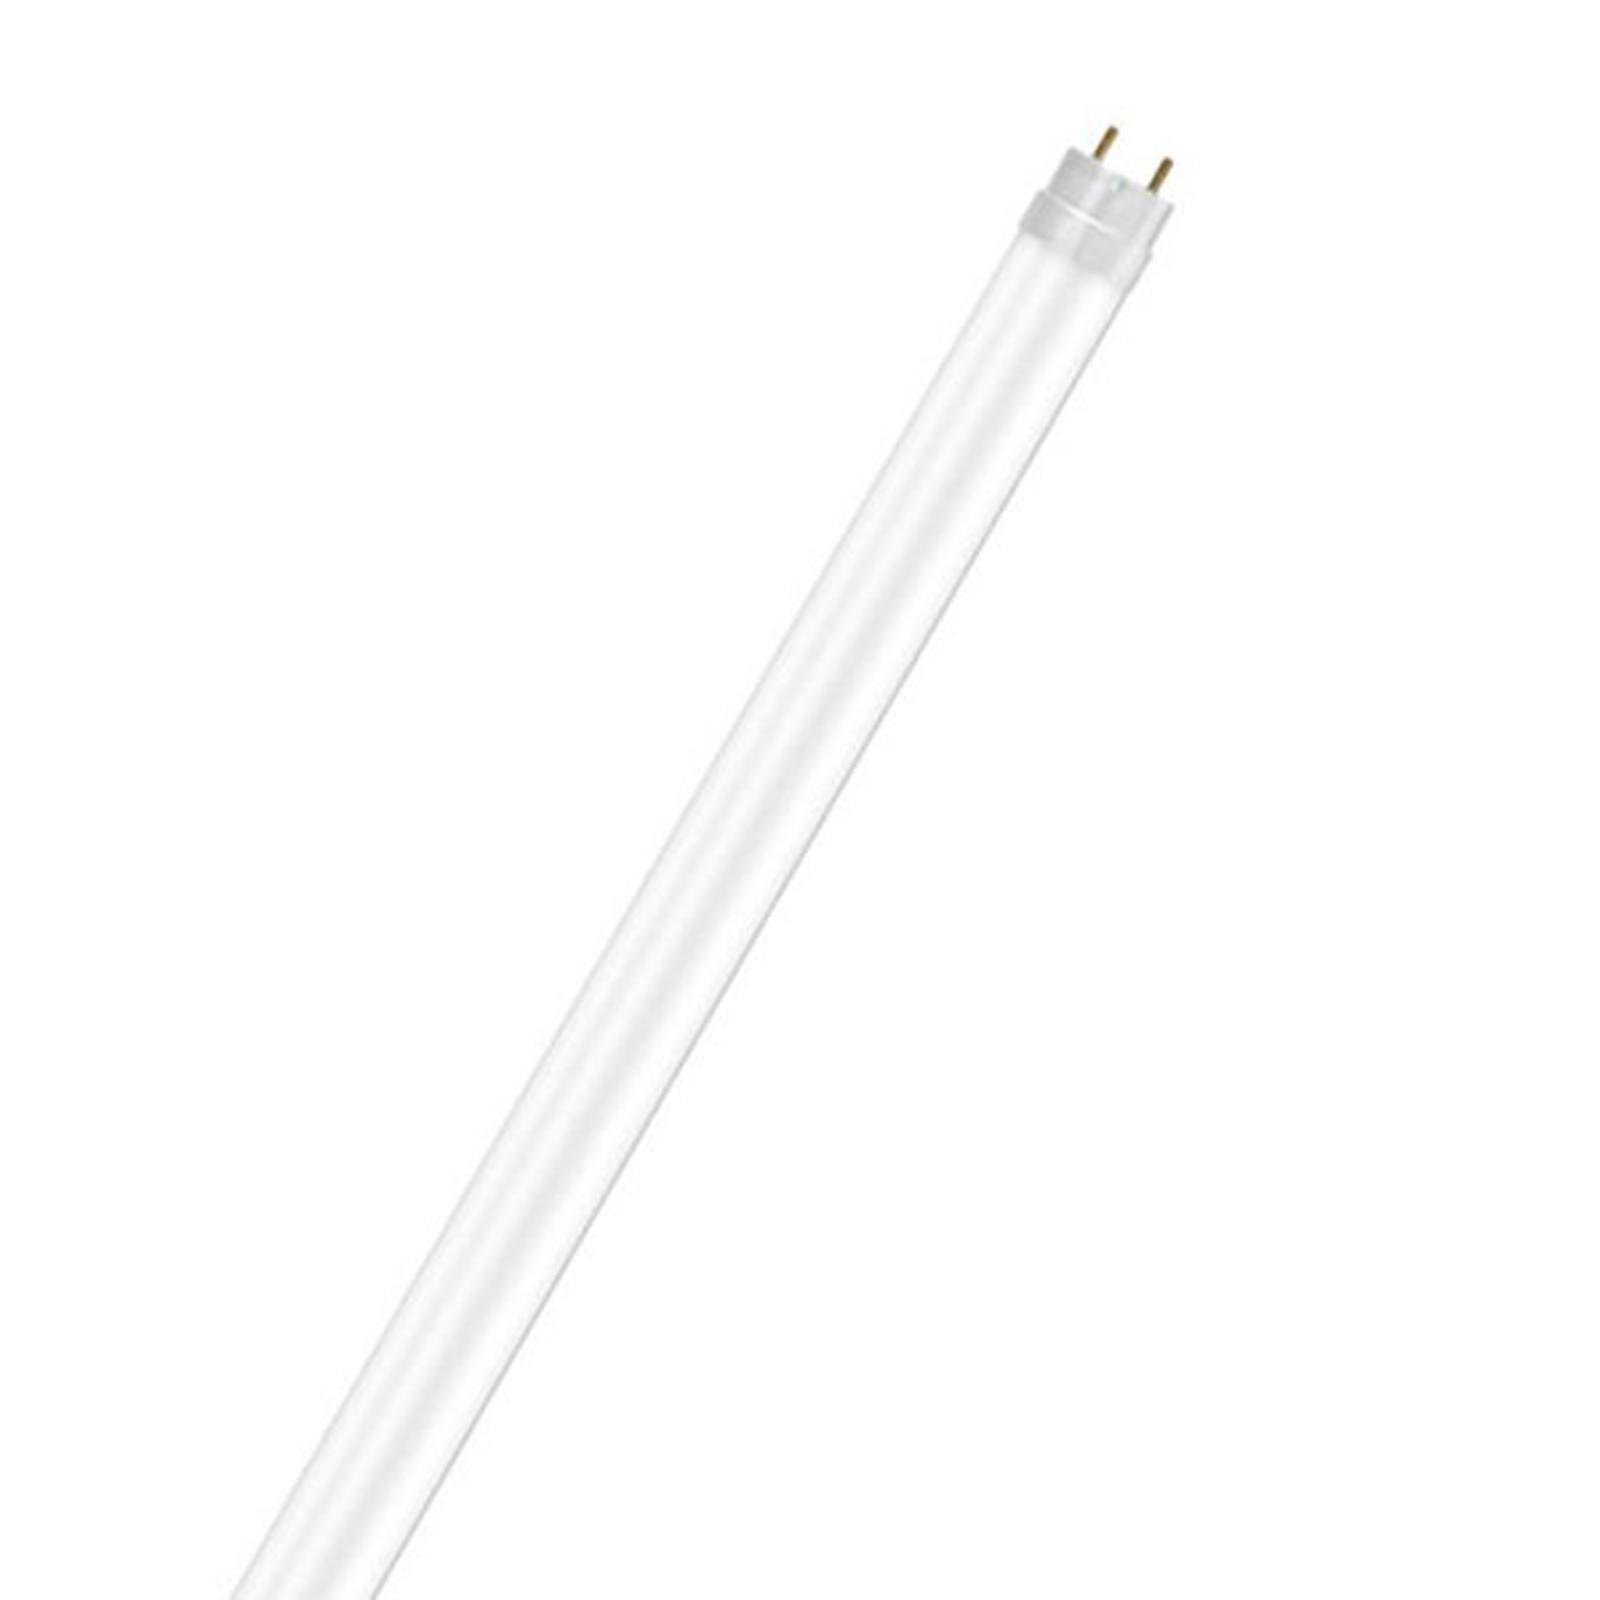 OSRAM LED tubo G13 150 cm SubstiTUBE 20W 3.000K